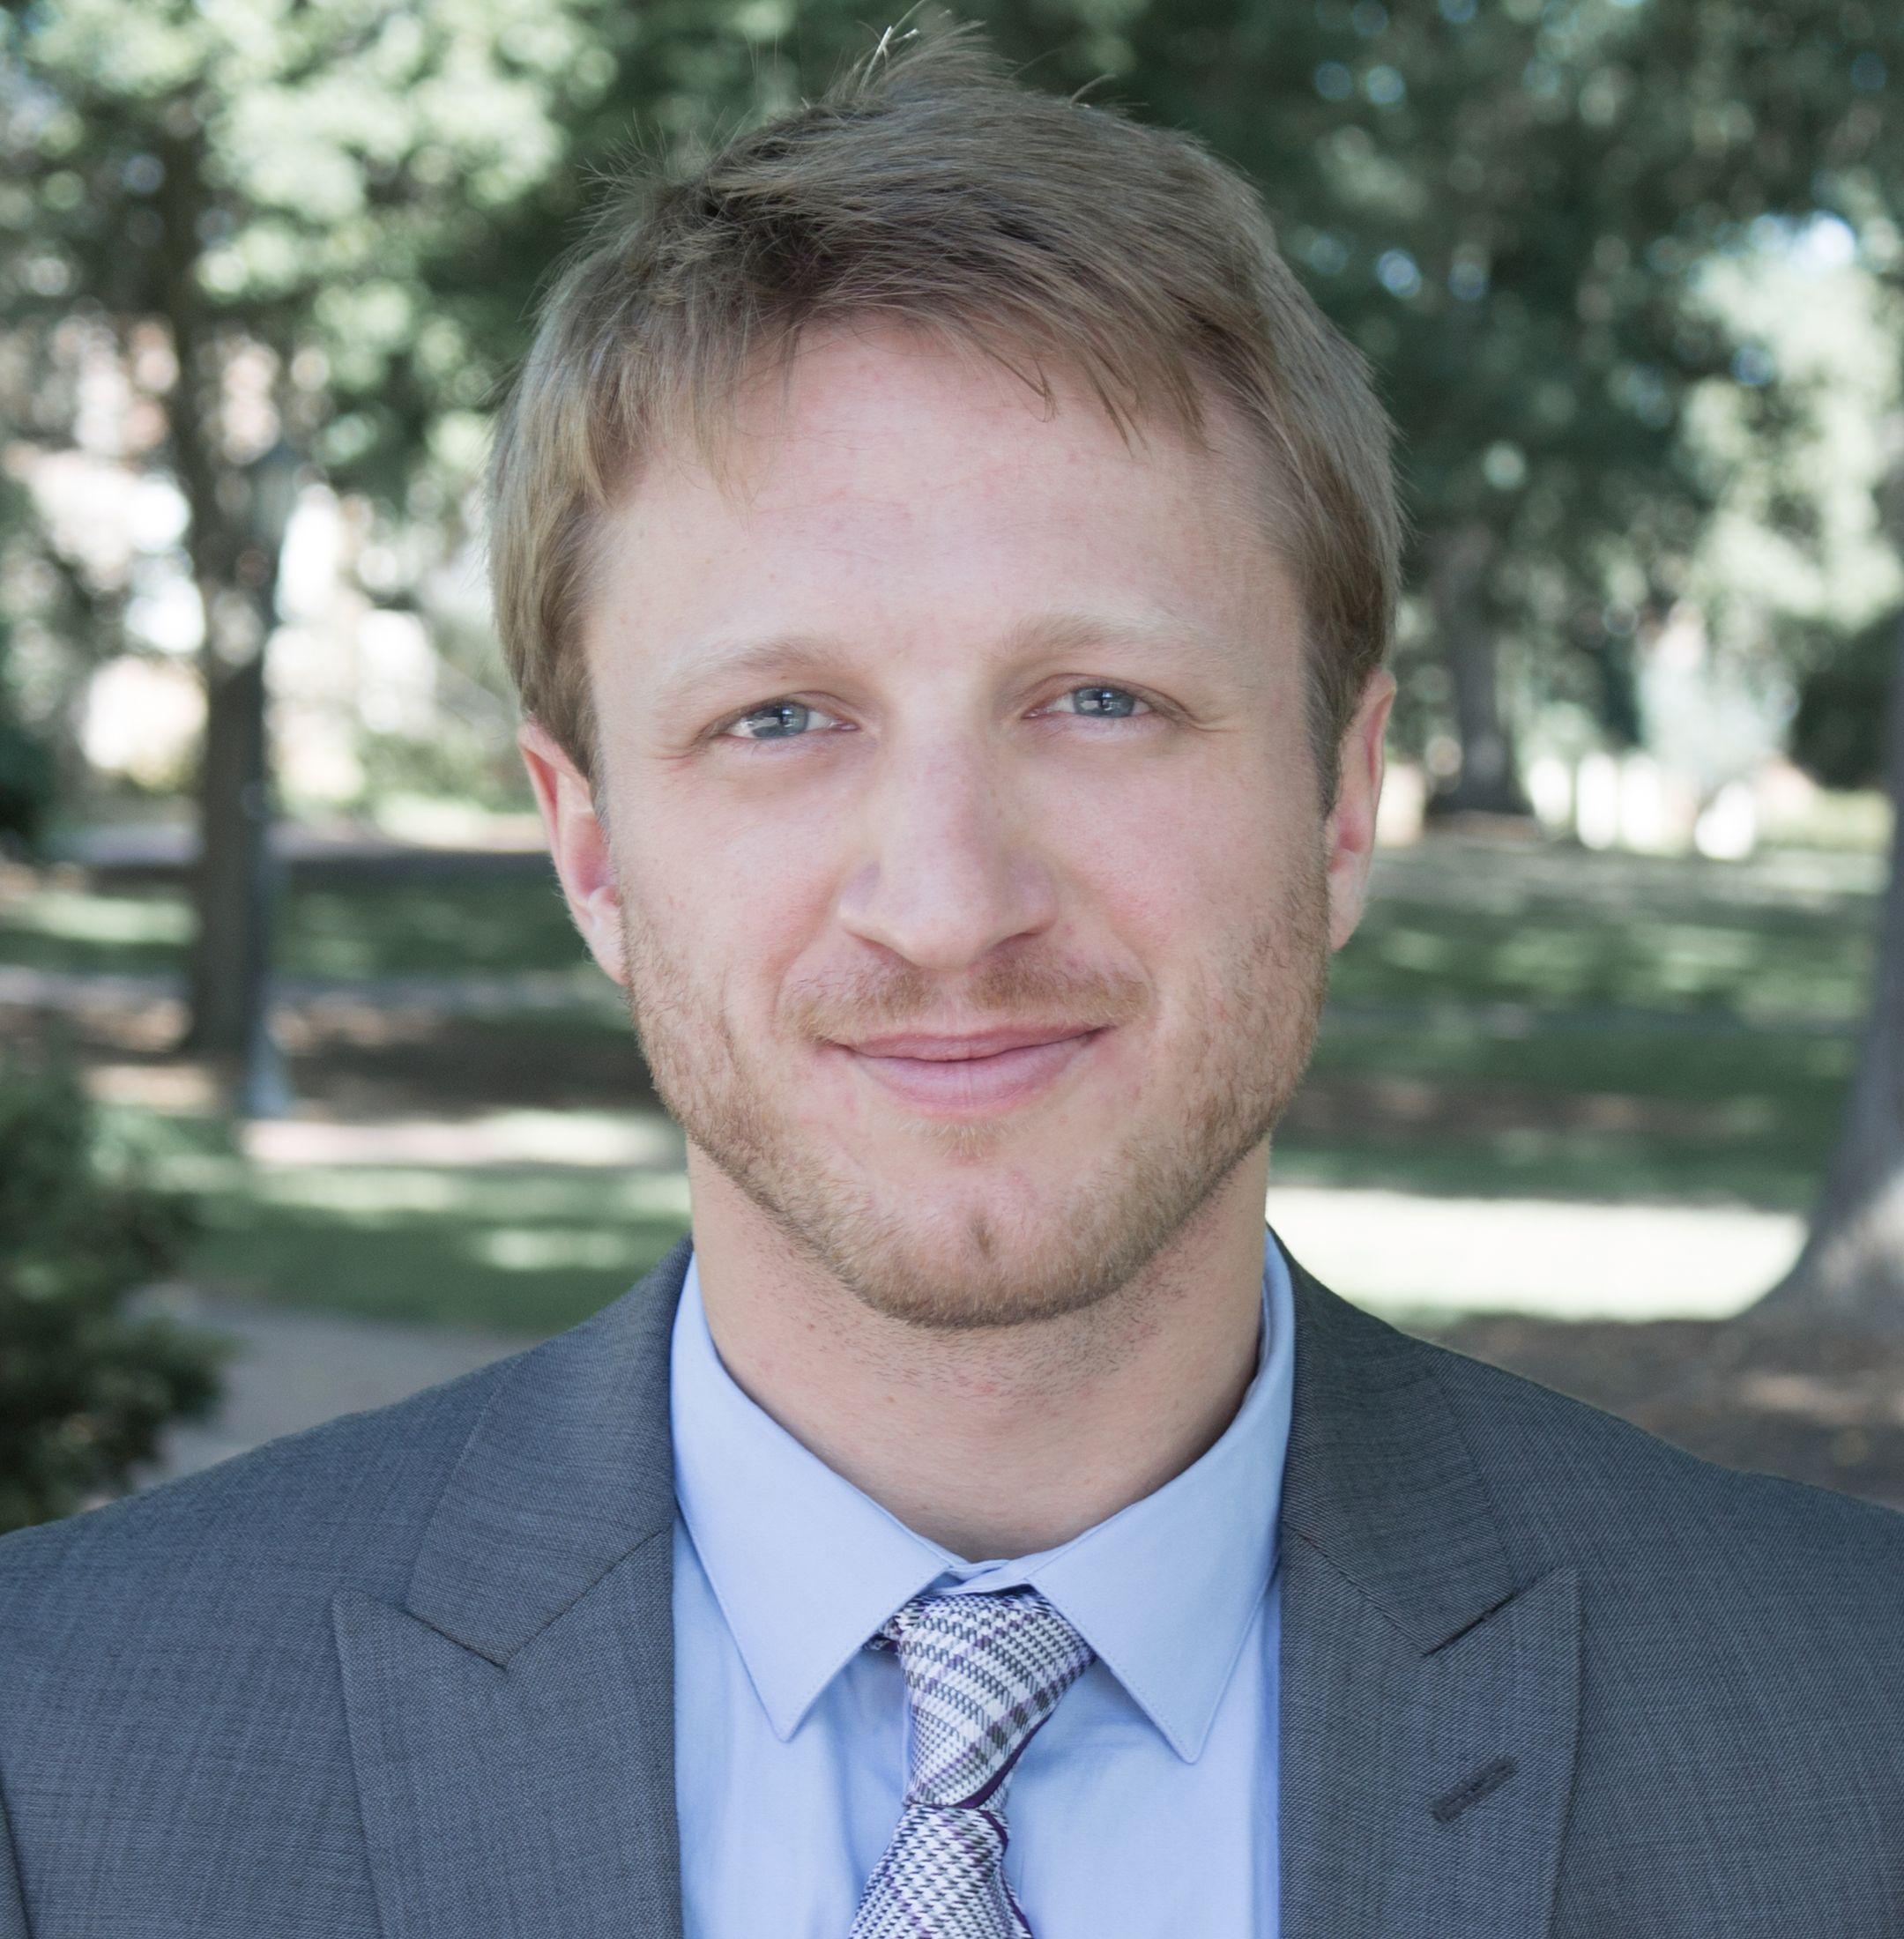 Nate Baker, AICP